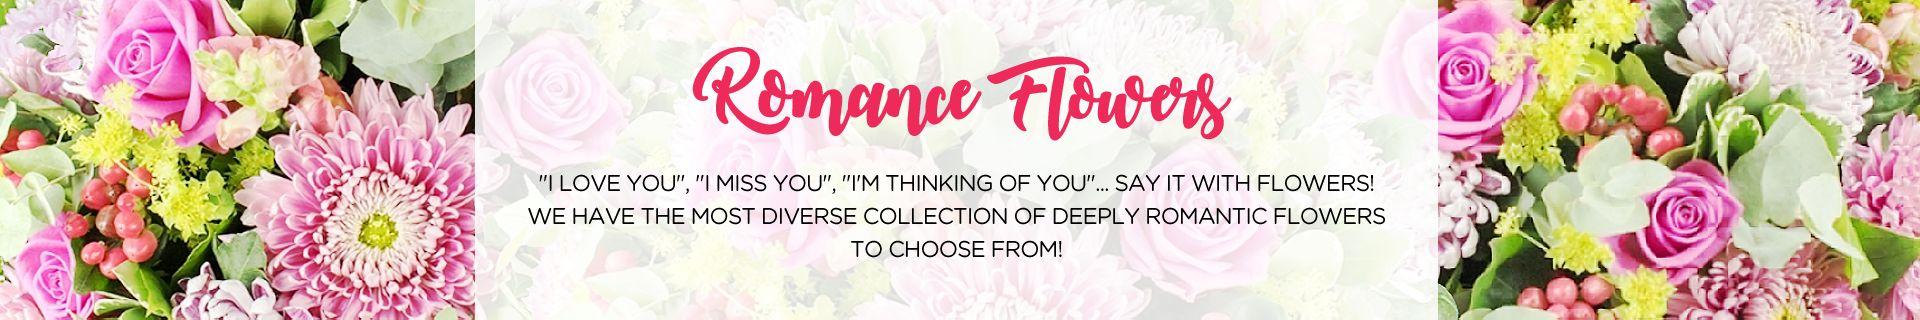 Romance Flowers